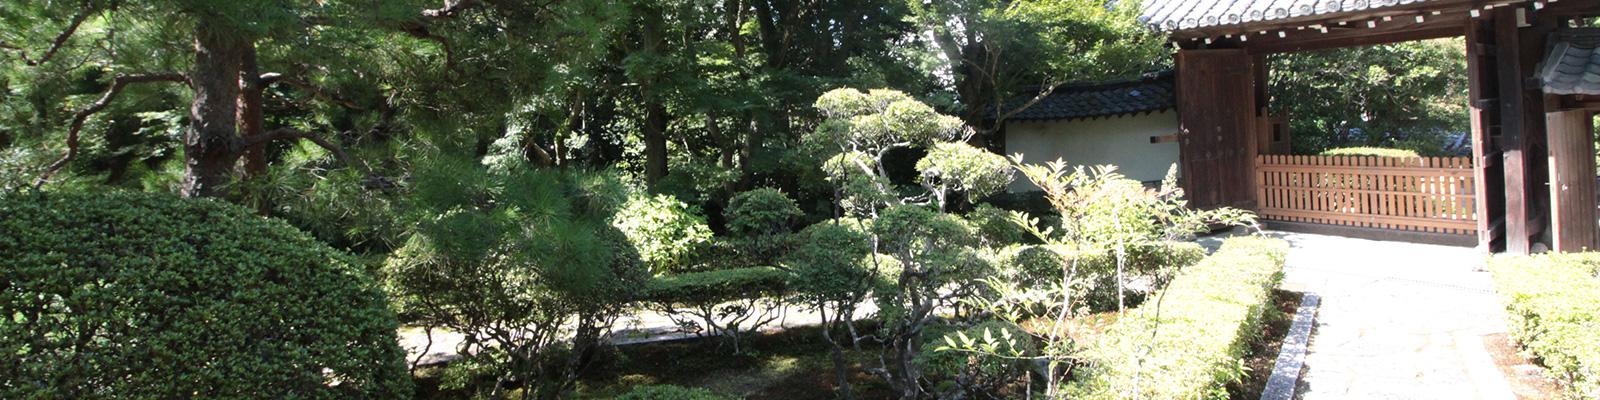 東福寺の樹木葬セミナーの即宗院の山門